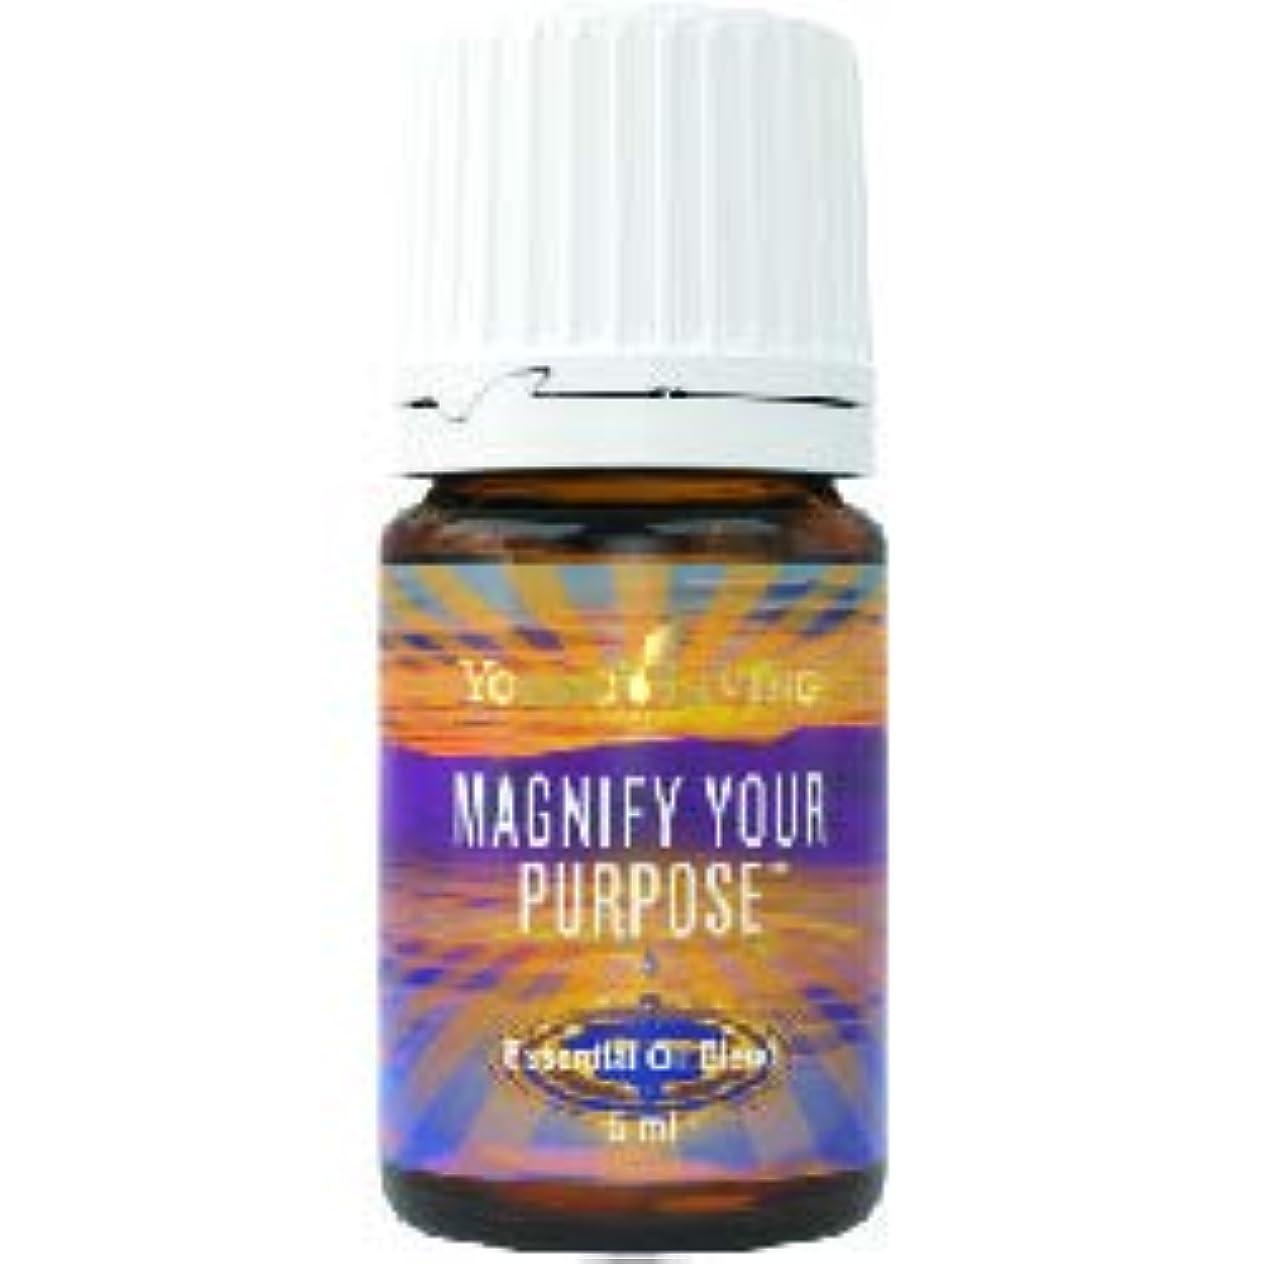 弱点シンクいくつかの目的を拡大するエッセンシャルオイル ヤングリビングエッセンシャルオイルマレーシア5ml Magnify Your Purpose Essential Oil 5ml by Young Living Essential Oil Malaysia